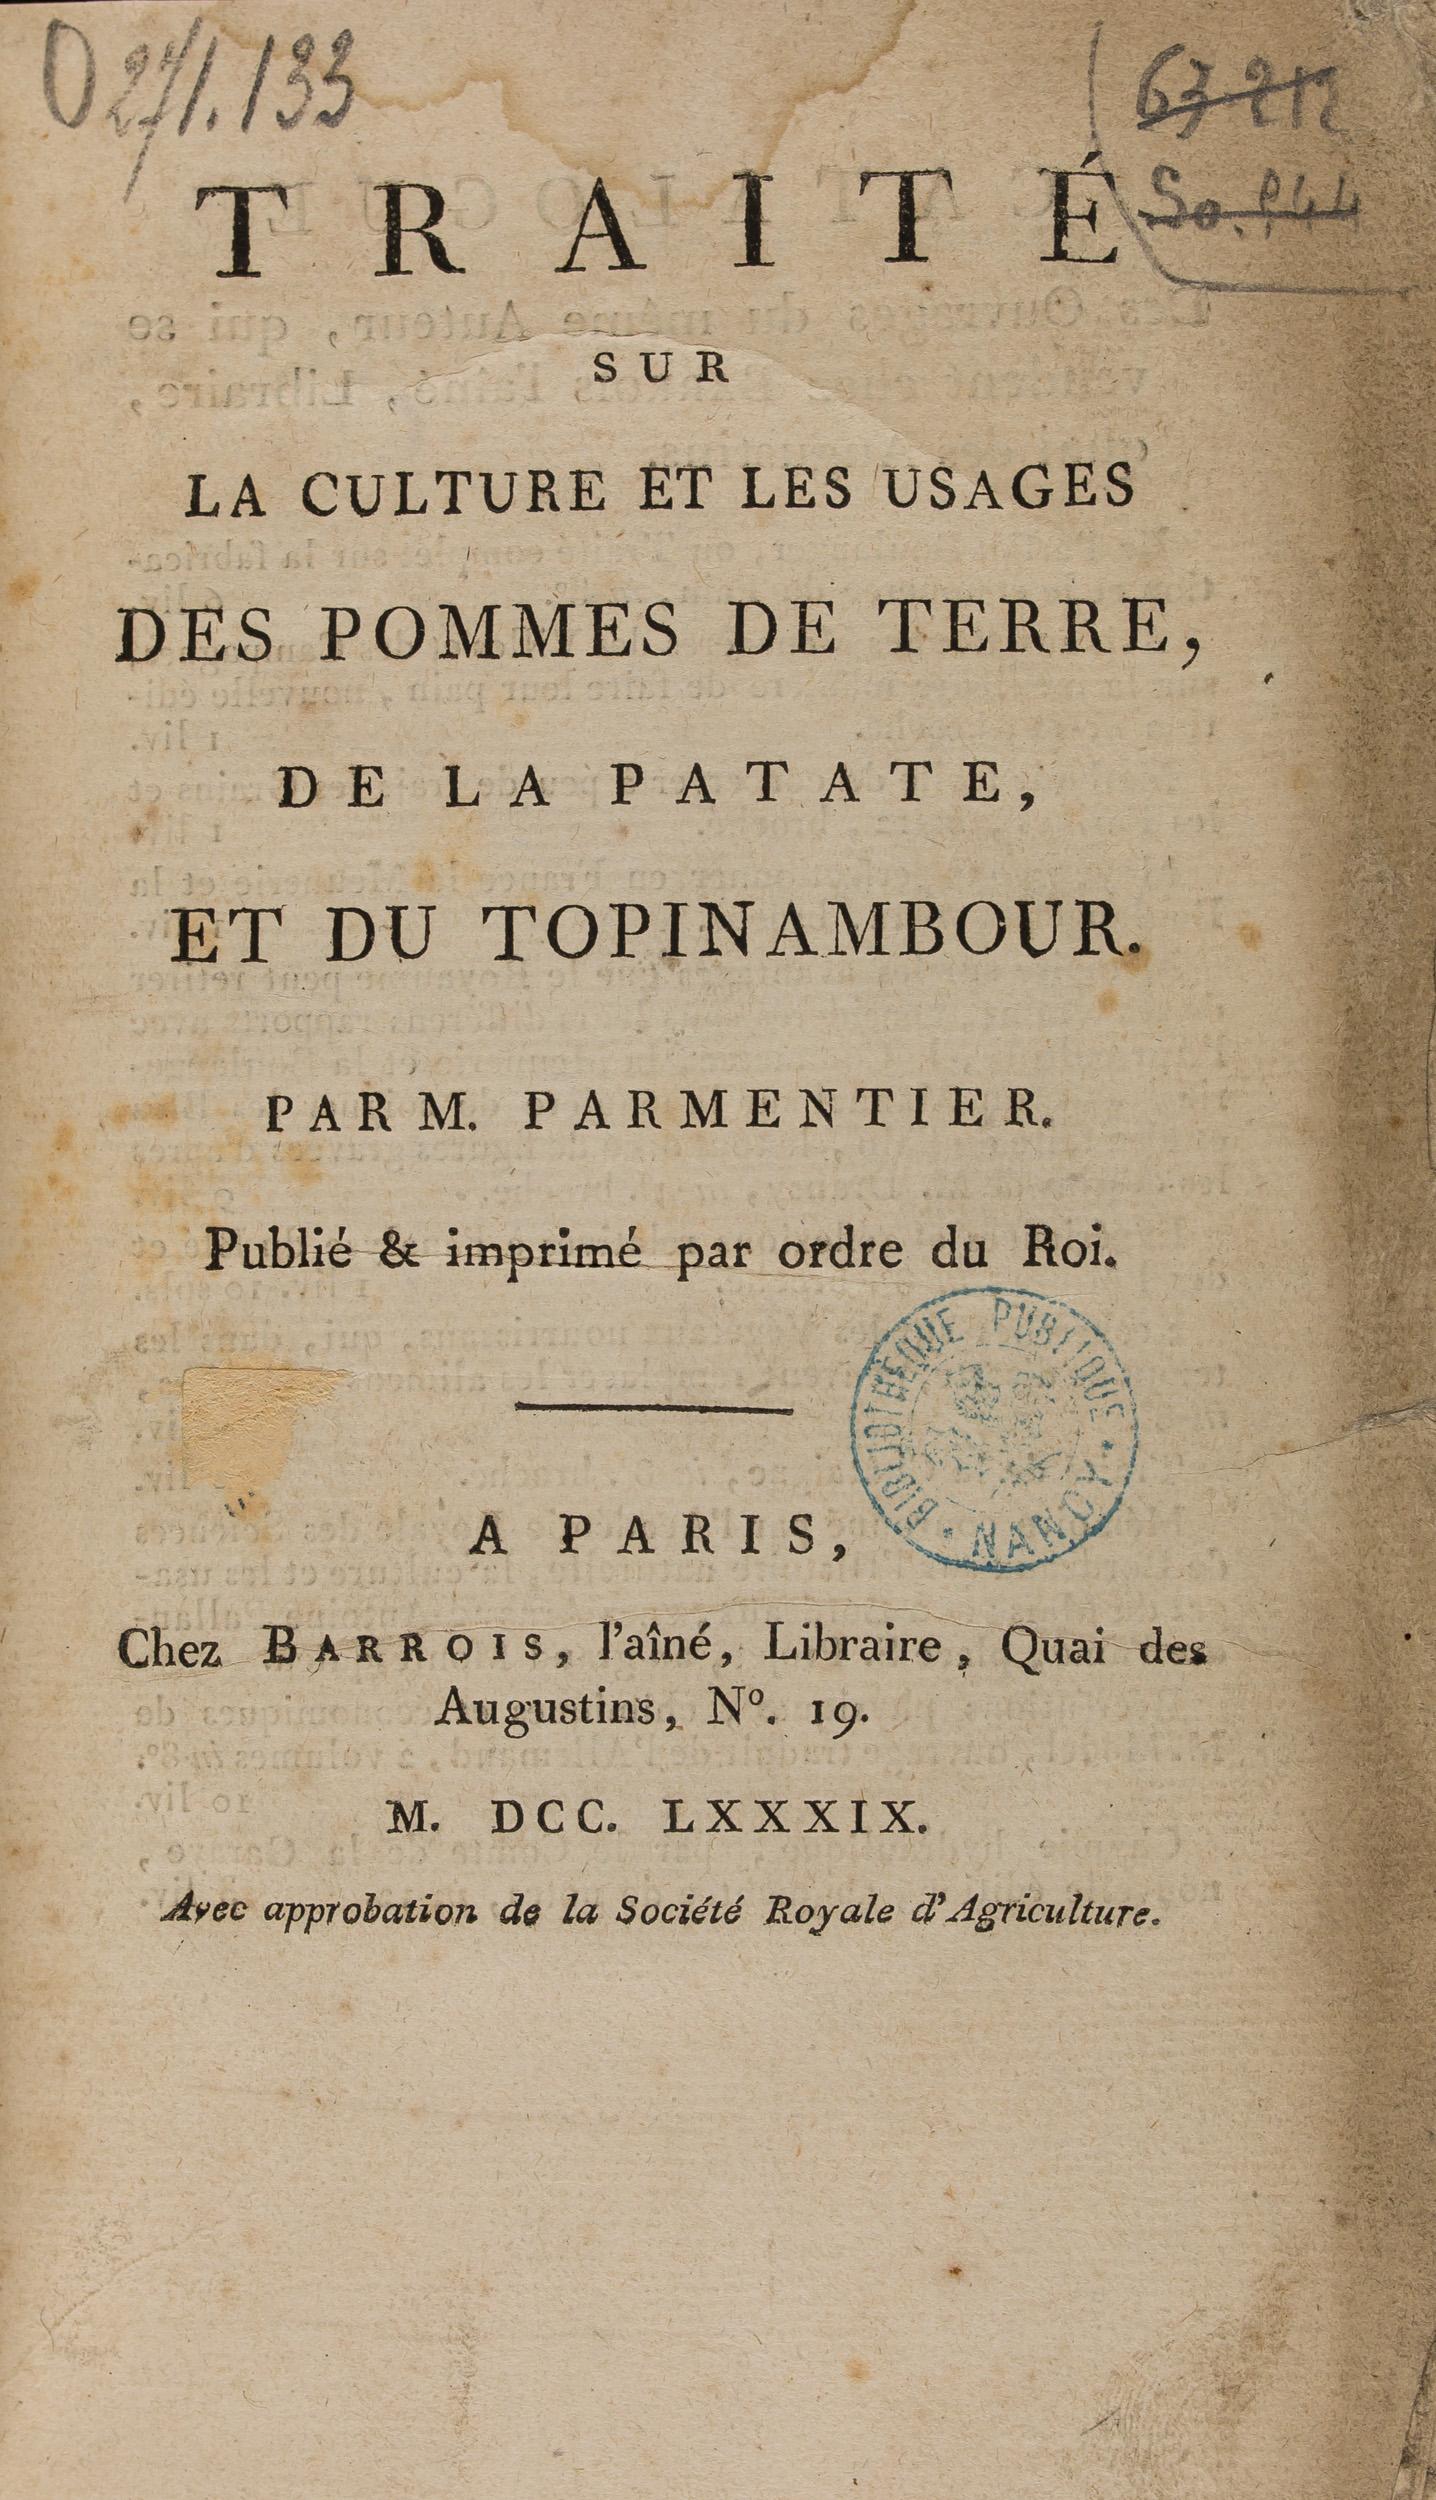 Traité sur la culture et les usages de la pomme de terre, Parmentier, 1789 (271 133)